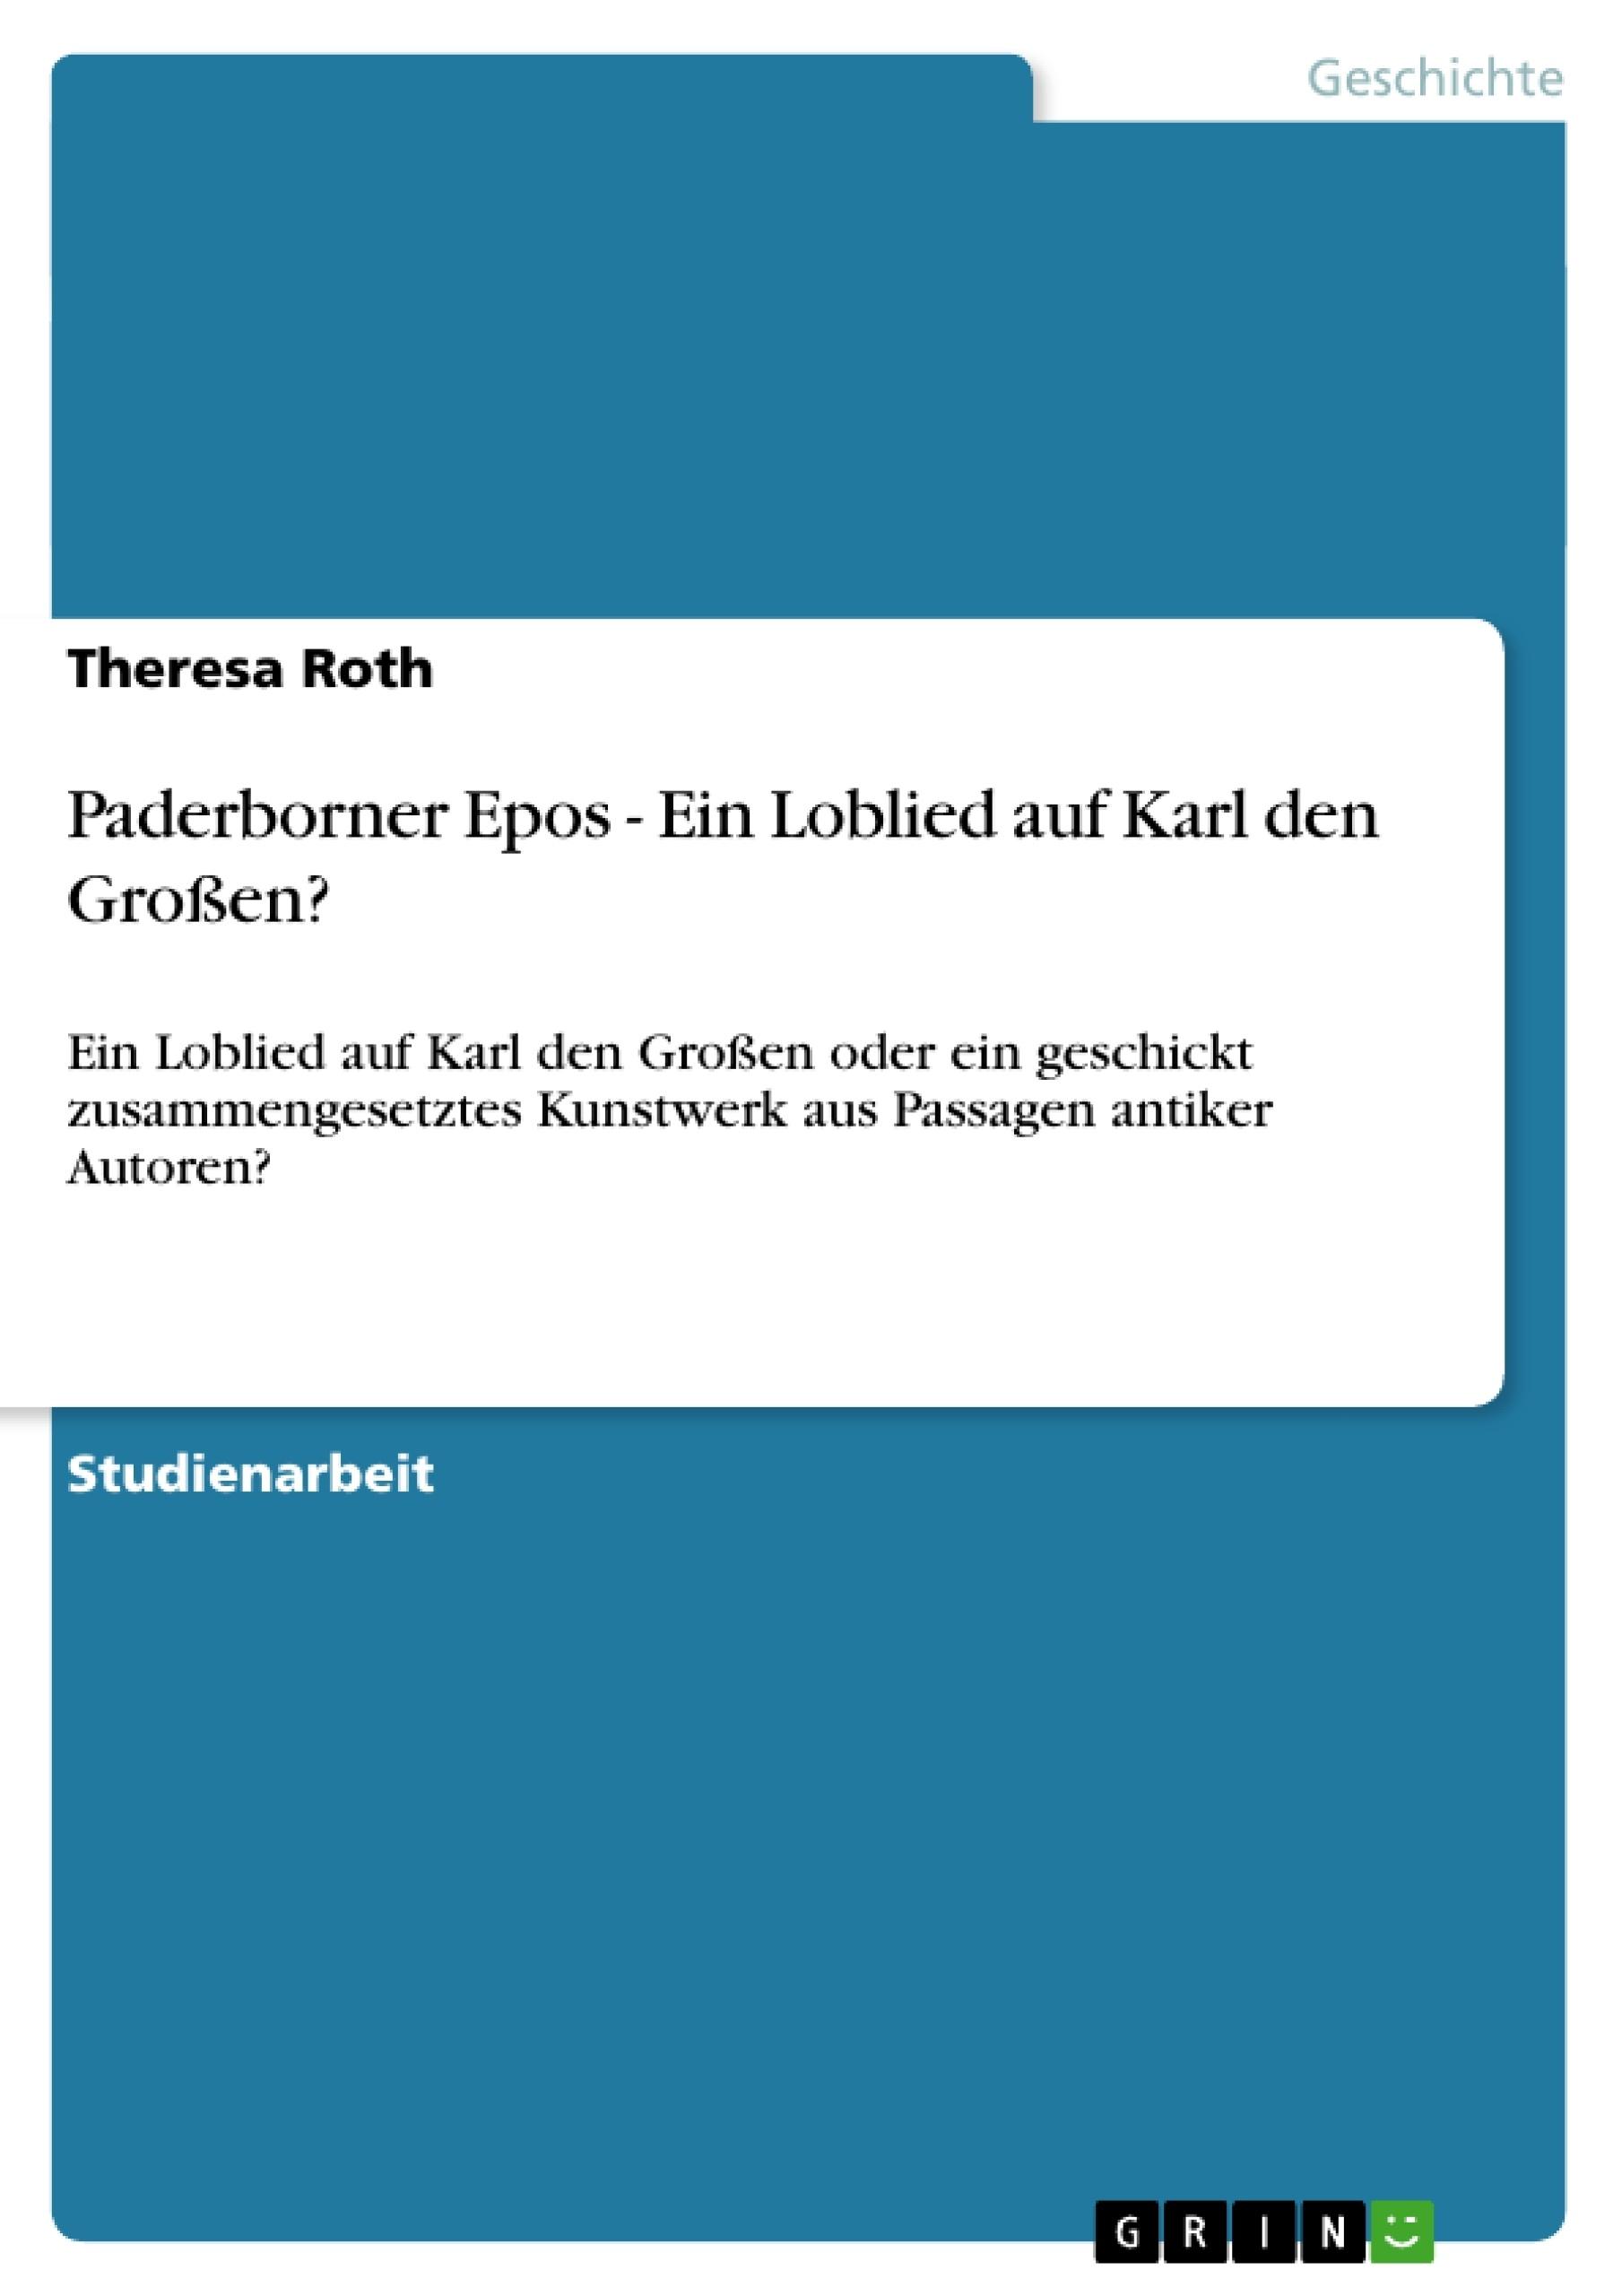 Titel: Paderborner Epos - Ein Loblied auf Karl den Großen?